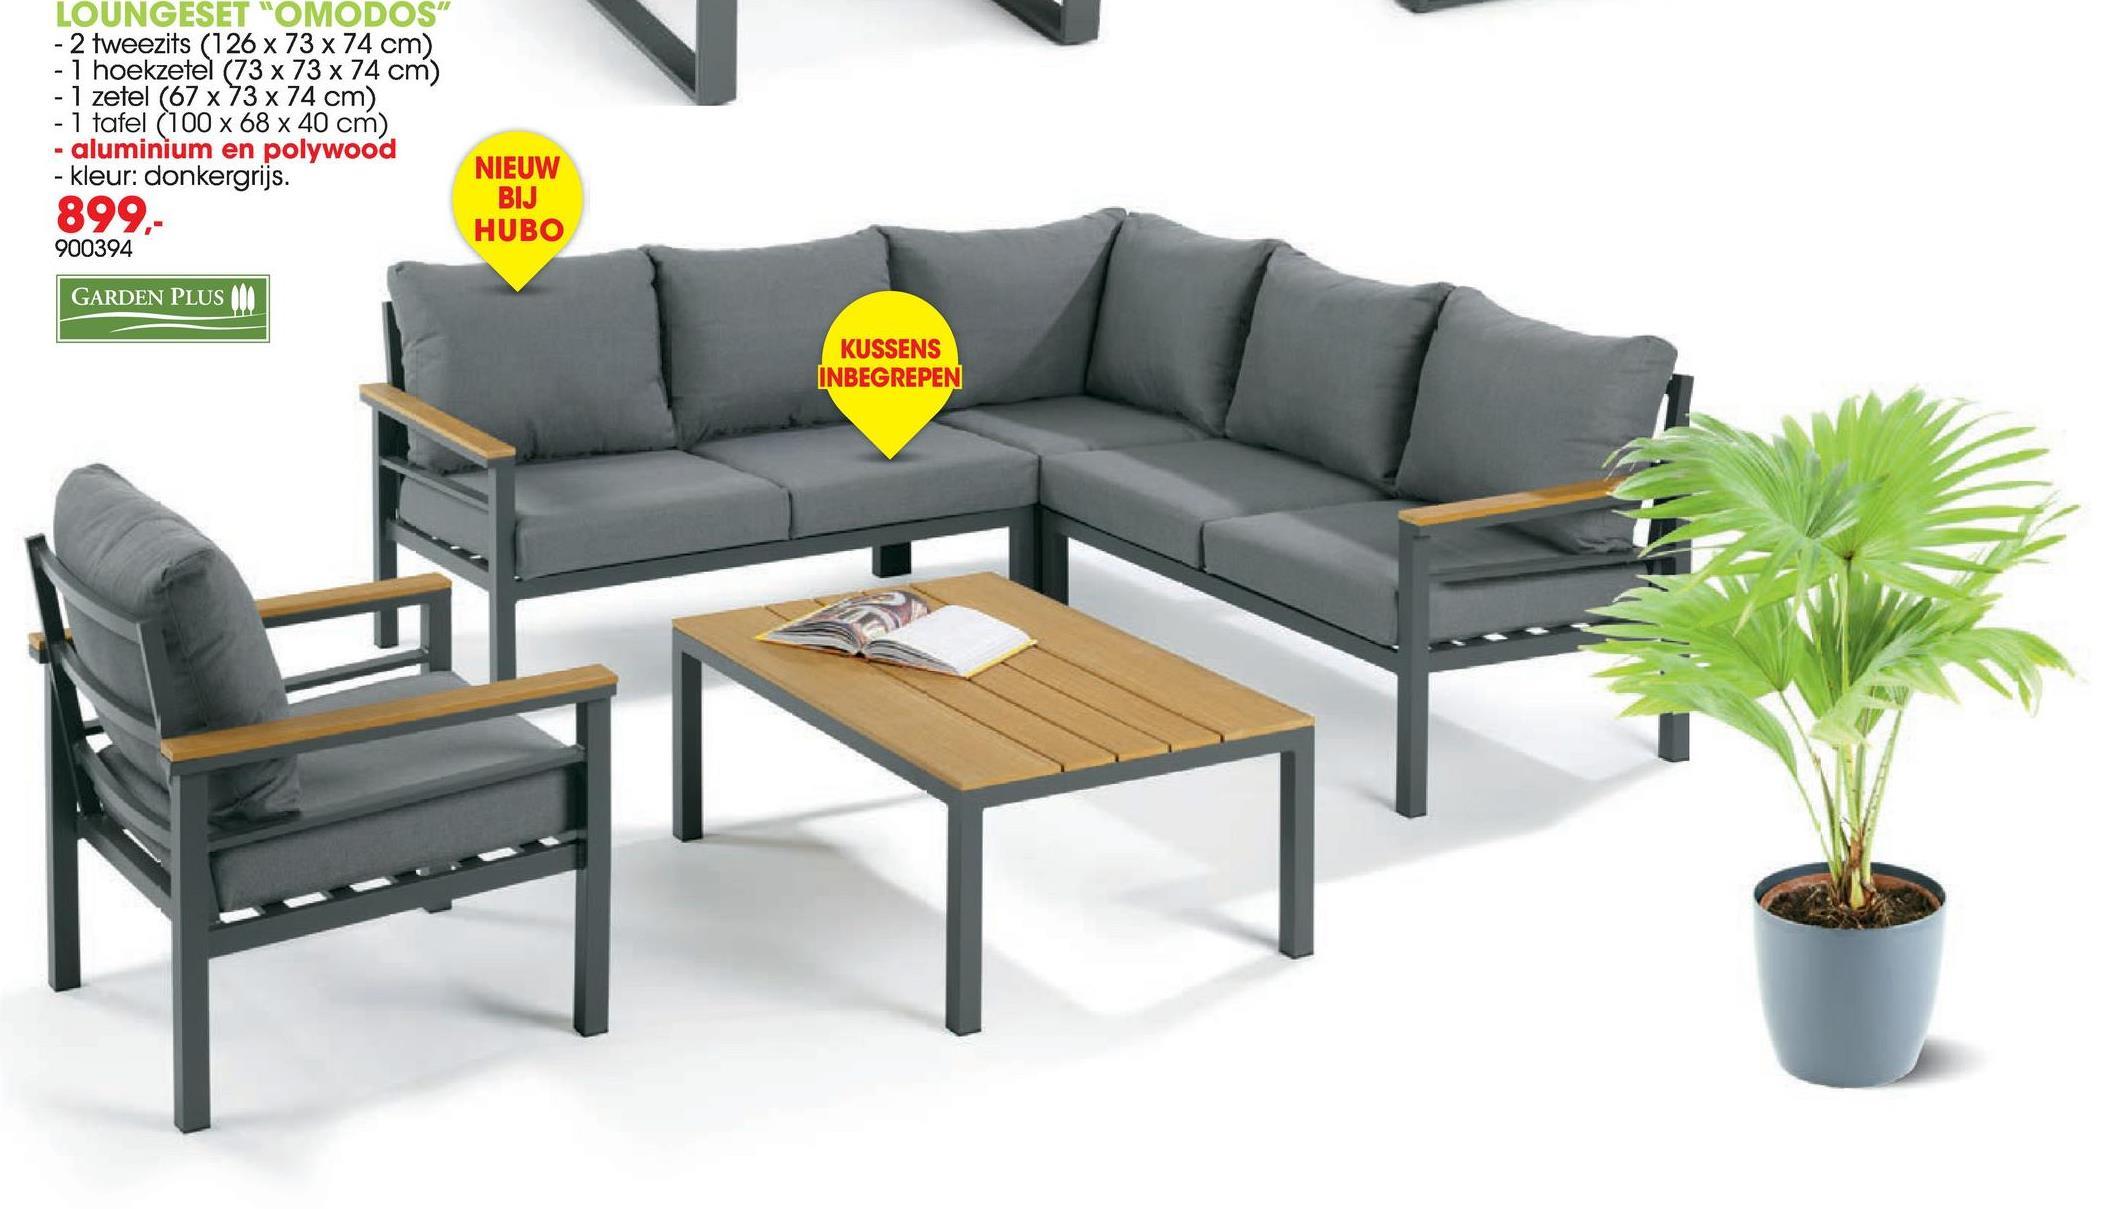 """LOUNGESET """"OMODOS"""" - 2 tweezits (126 x 73 x 74 cm) - 1 hoekzetel (73 x 73 x 74 - 1 zetel (67 x 73 x 74 cm) - 1 tafel (100 x 68 x 40 cm) - aluminium en polywood - kleur: donkergrijs. 899,- 900394 NIEUW BIJ HUBO GARDEN PLUS KUSSENS INBEGREPEN"""